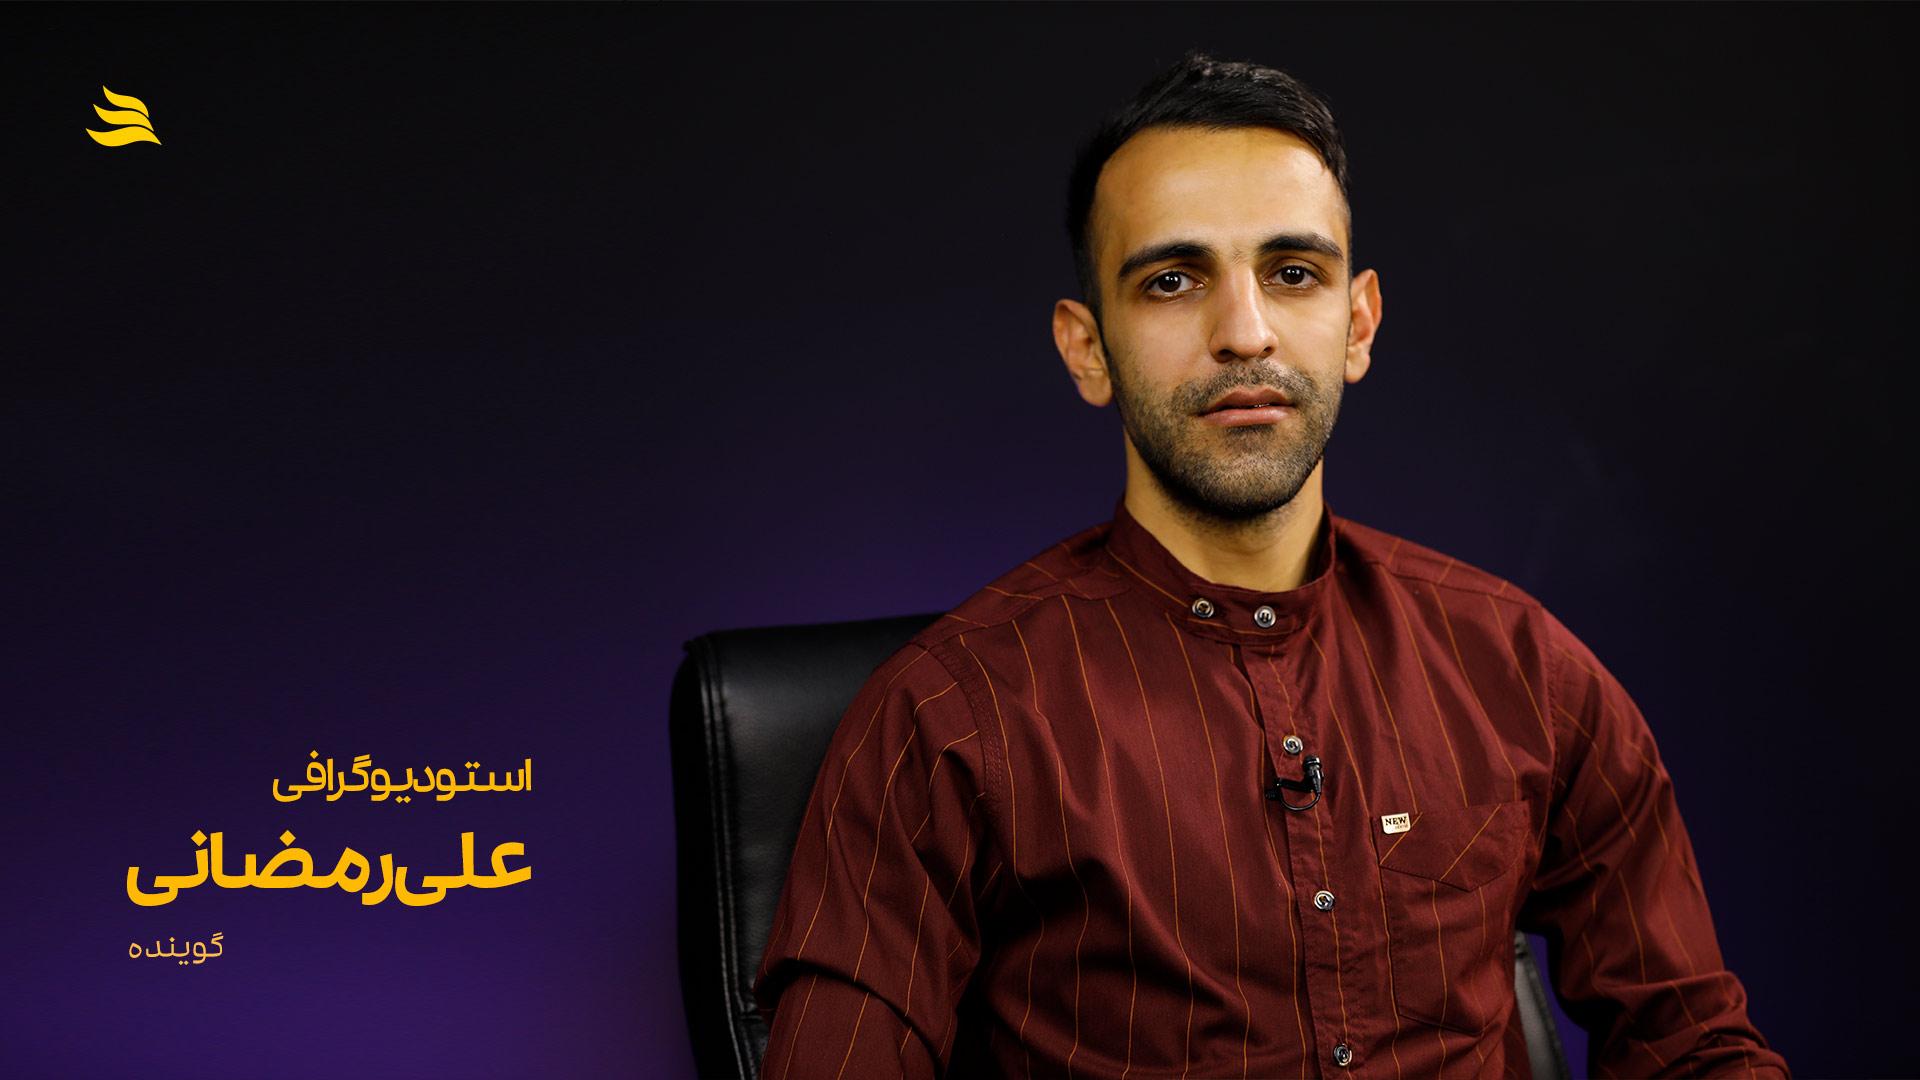 بیوگرافی علی رمضانی